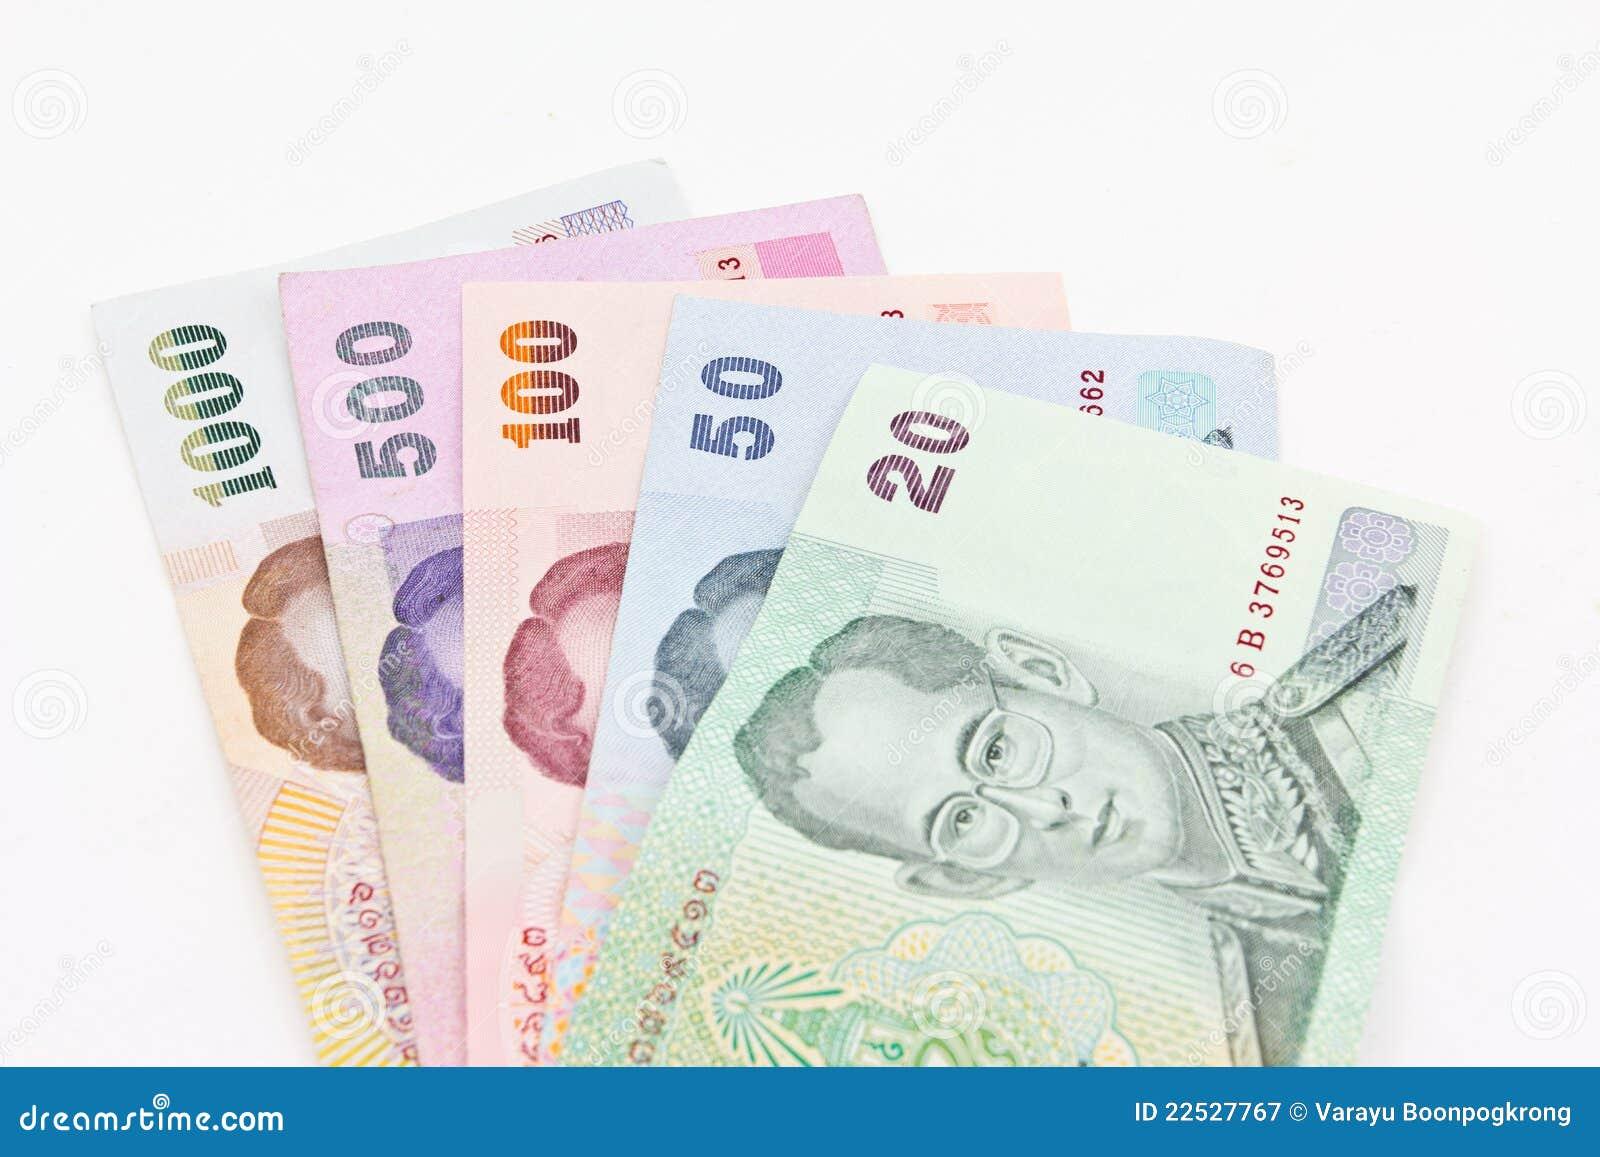 официальный сайт хоумкредитфинанс банк